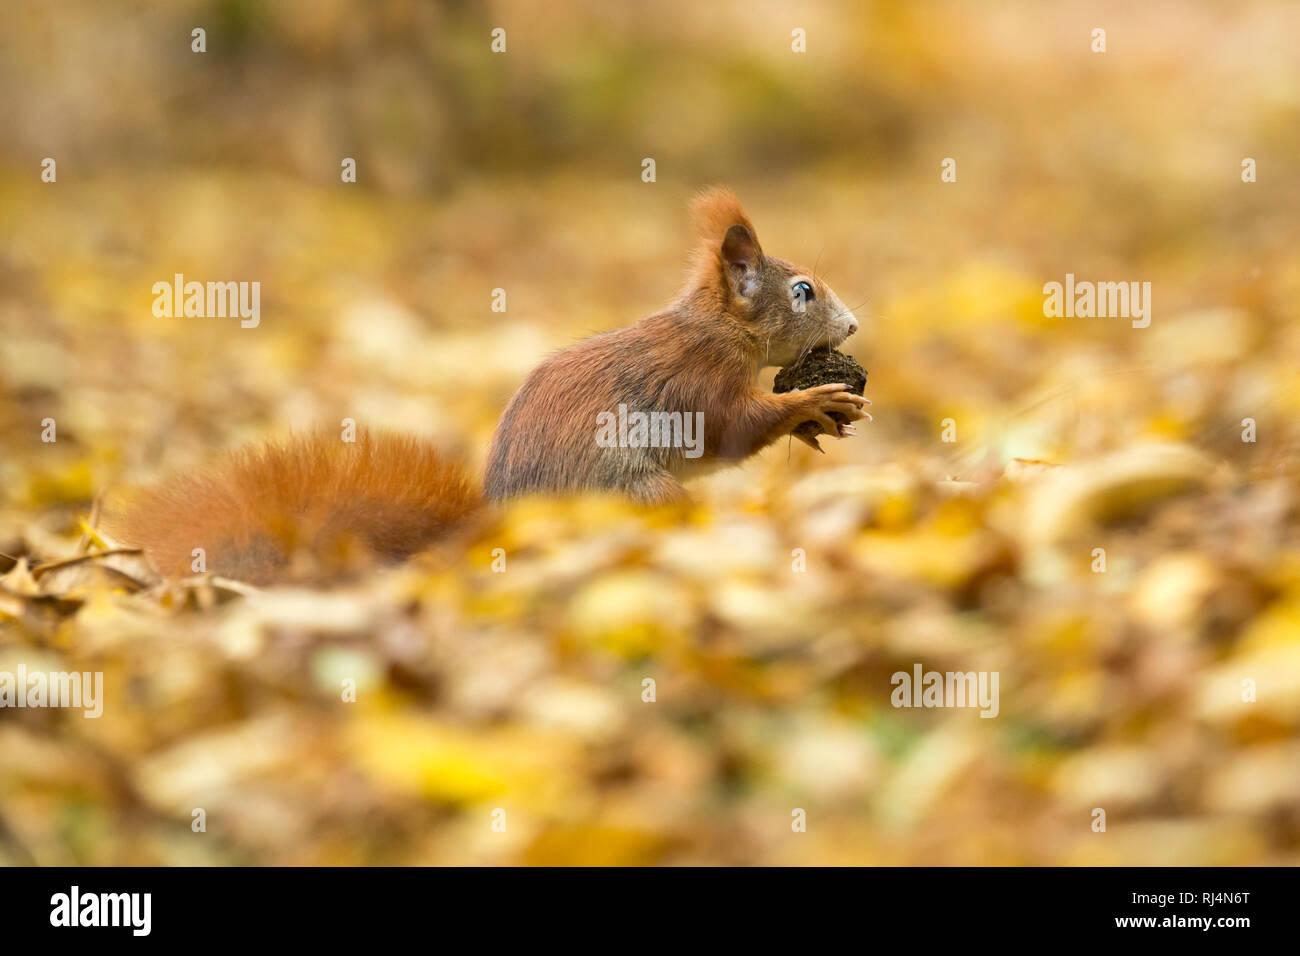 Eichhörnchen, Sciurus vulgaris, Tierwelt, Deutschland Stockbild